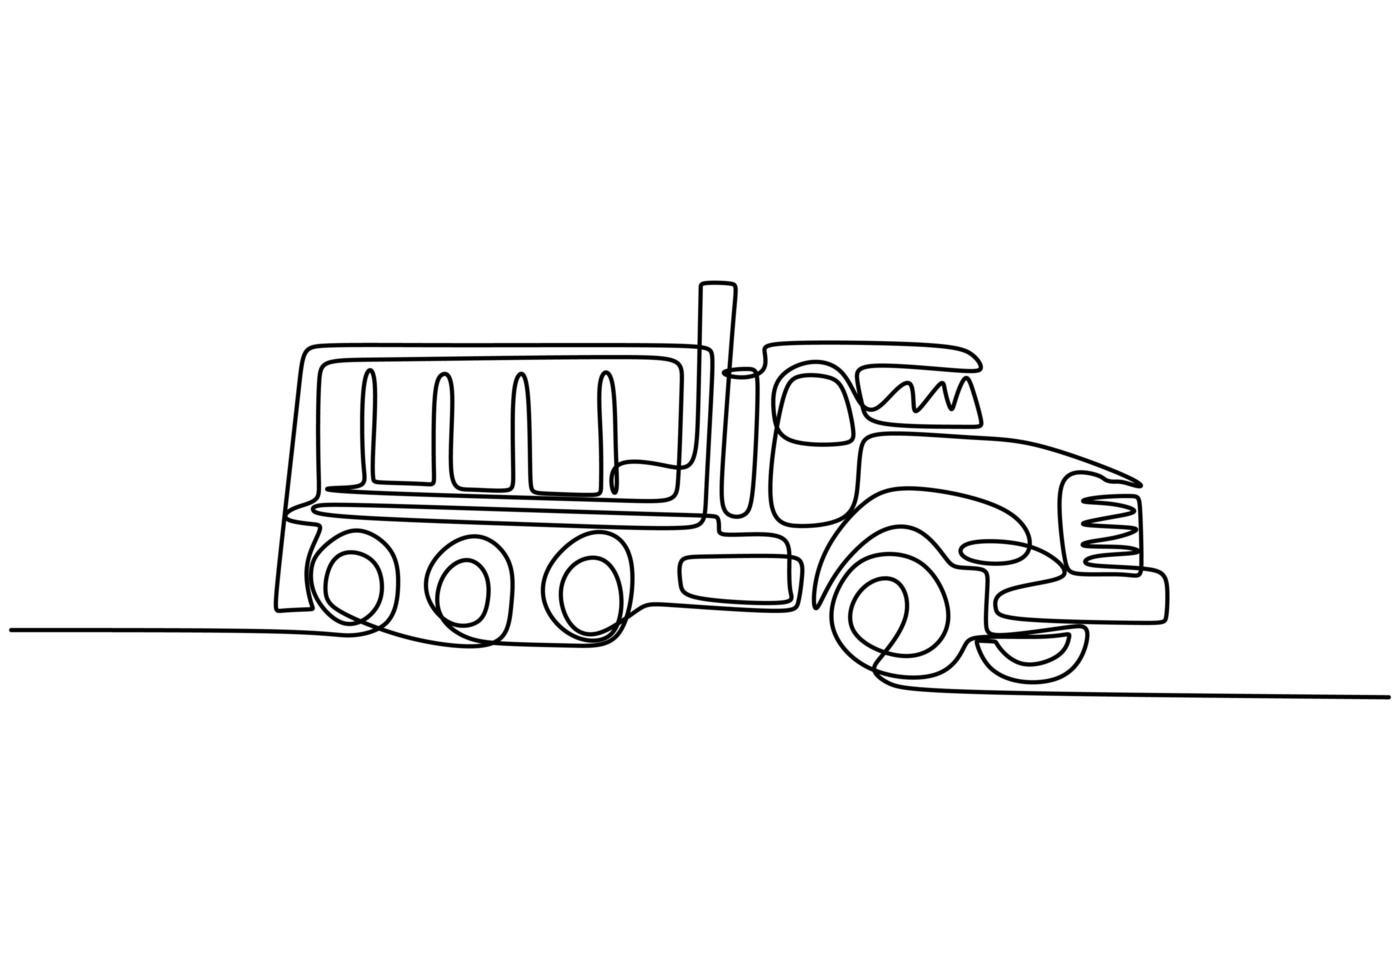 un dessin au trait d'un gros camion à benne minière pour charger du charbon et des produits miniers. vecteur